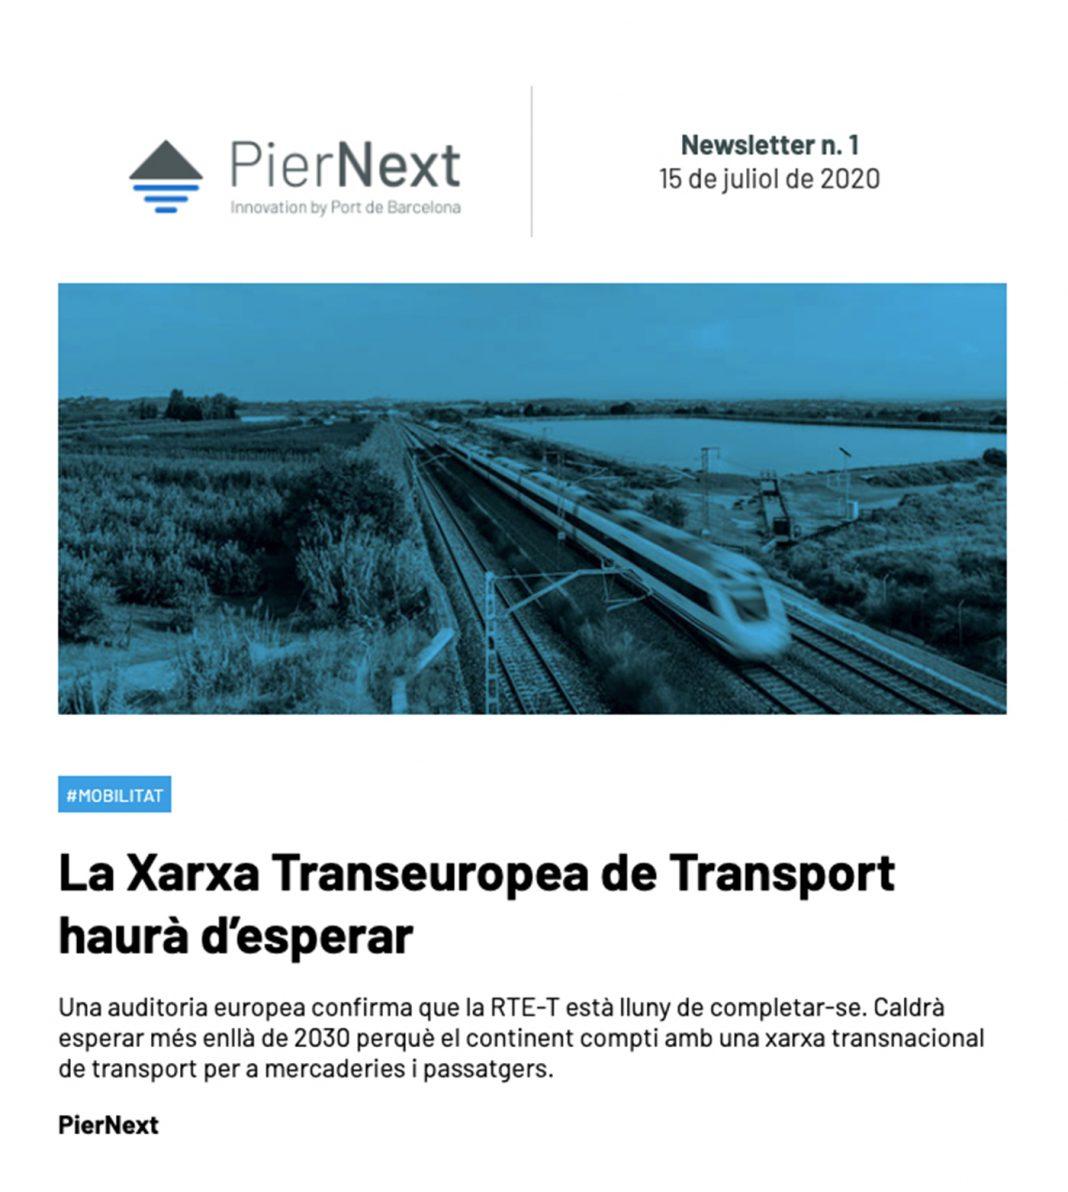 puerto de barcelona pier next